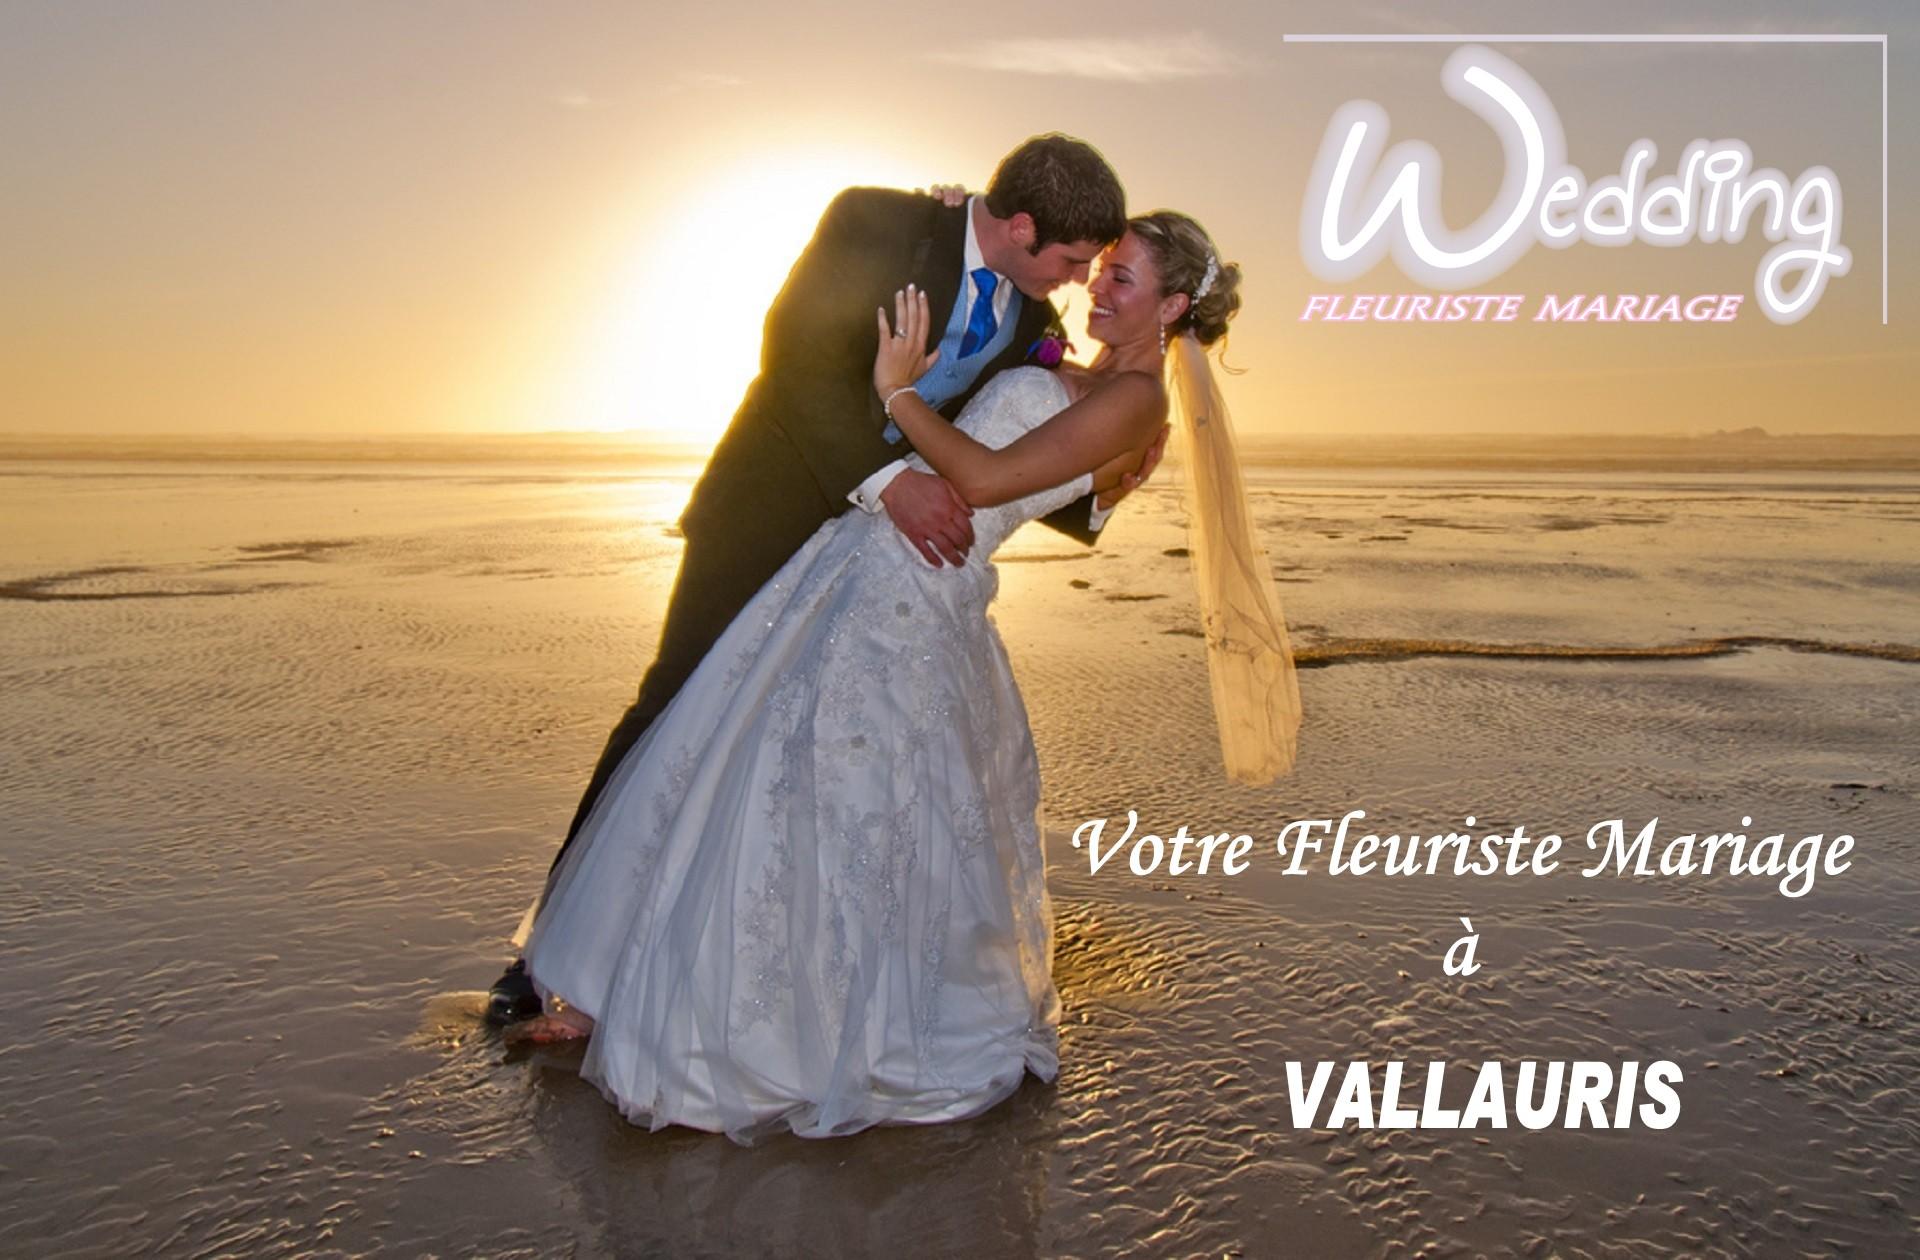 FLEURISTE MARIAGE VALLAURIS - WEDDING PLANNER VALLAURIS - TRAITEUR VALLAURIS